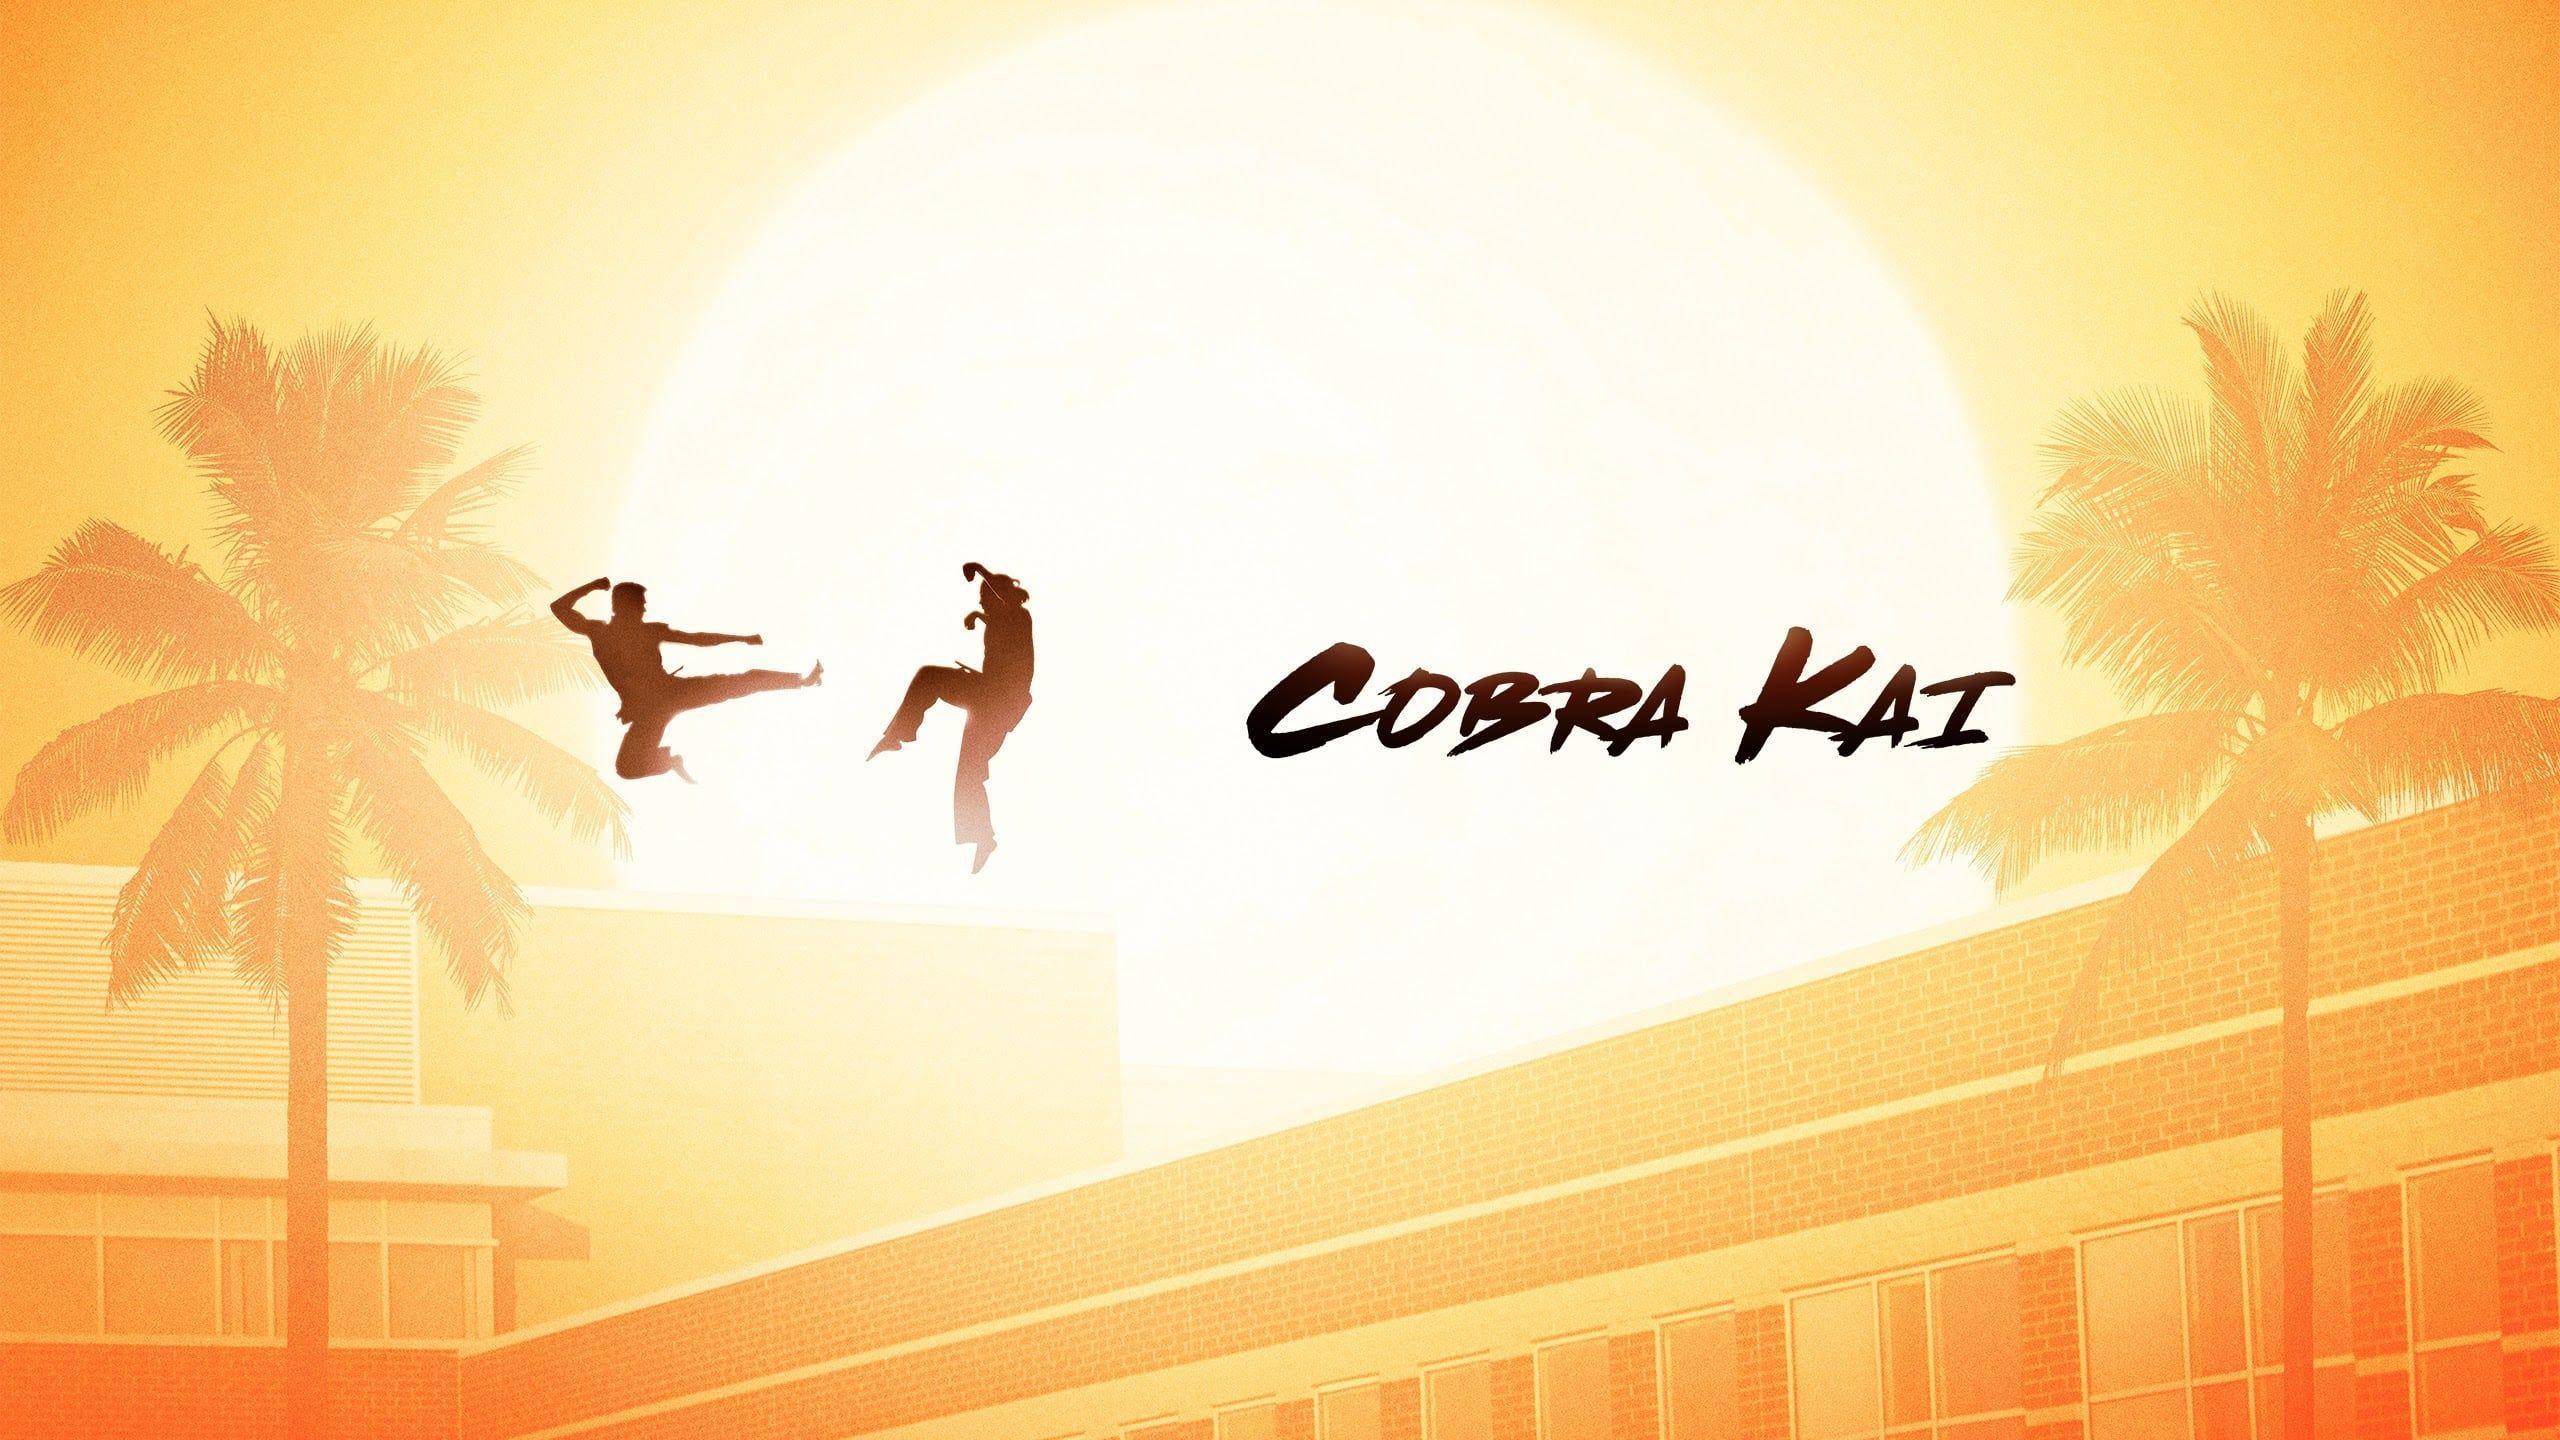 Cobra Kai Teams Background 6